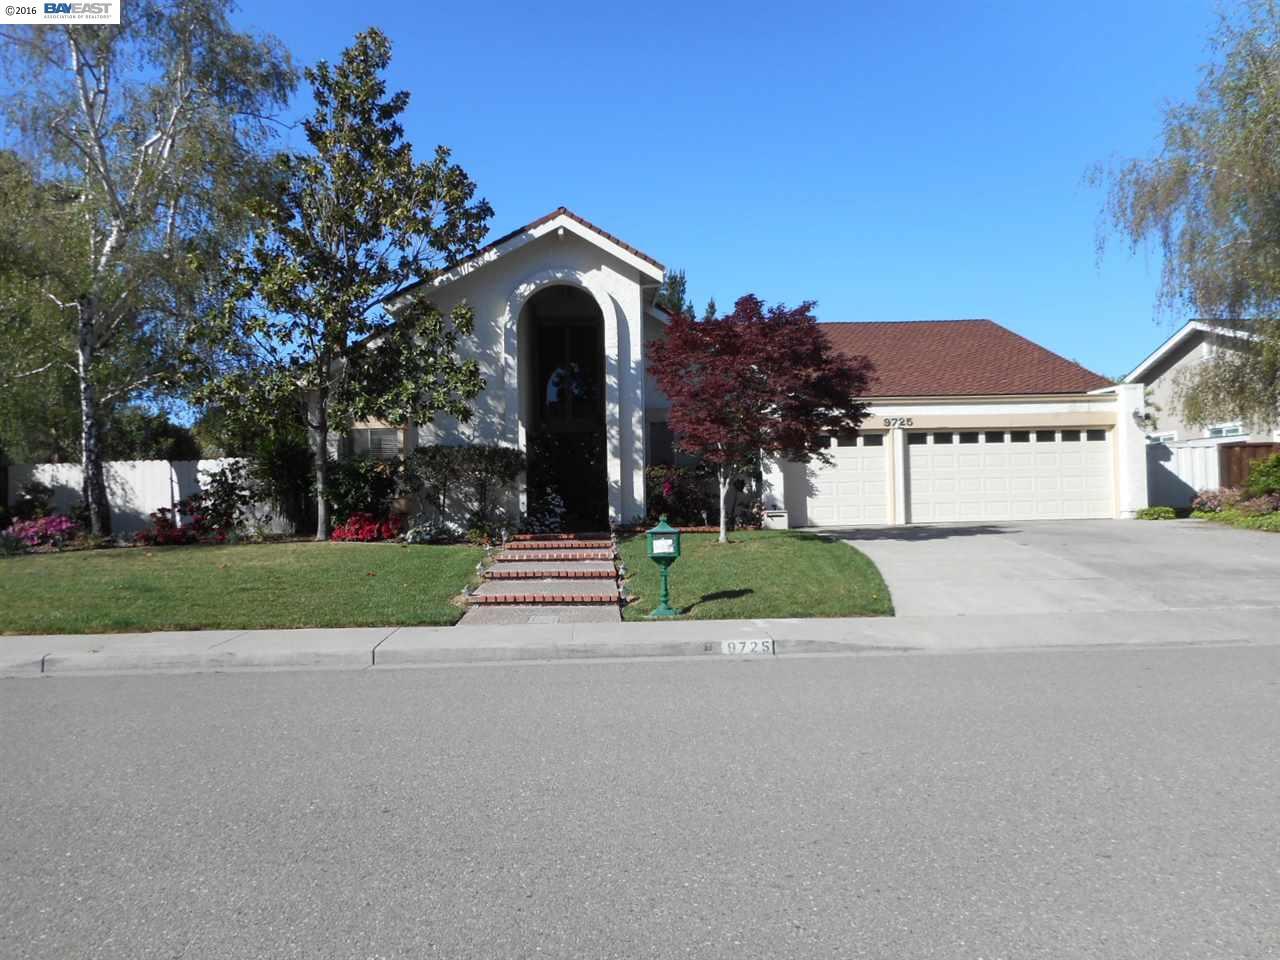 Частный односемейный дом для того Продажа на 9725 Blue Mound Drive San Ramon, Калифорния 94583 Соединенные Штаты